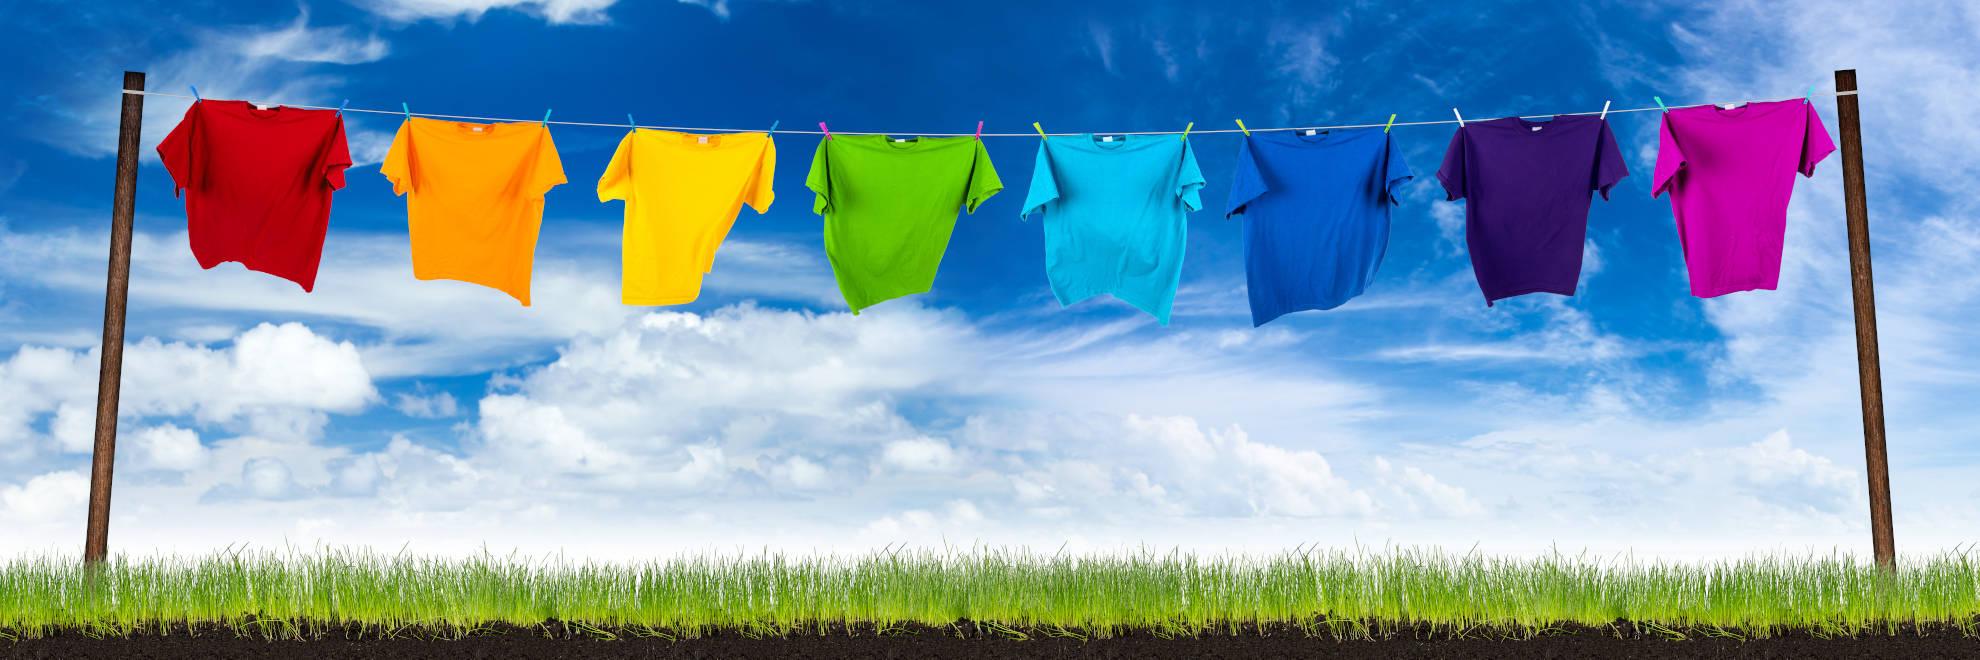 Umweltbewusst Wäsche waschen - die 7 besten Tipps